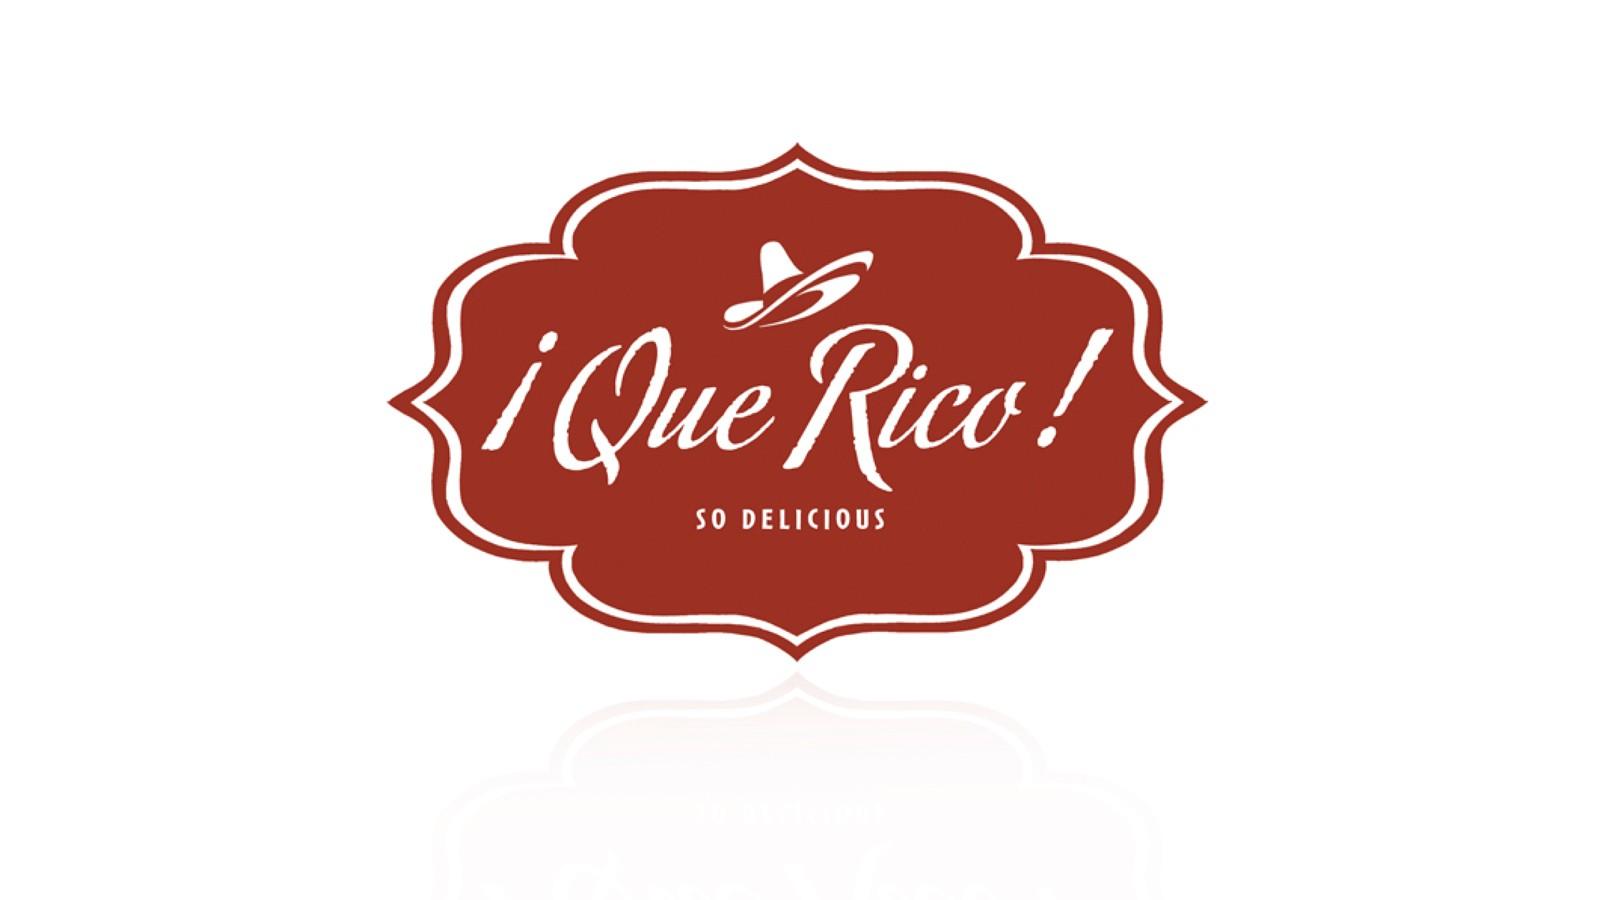 MI RANCHO QUE RICO PRODUCT LOGO CONCEPT